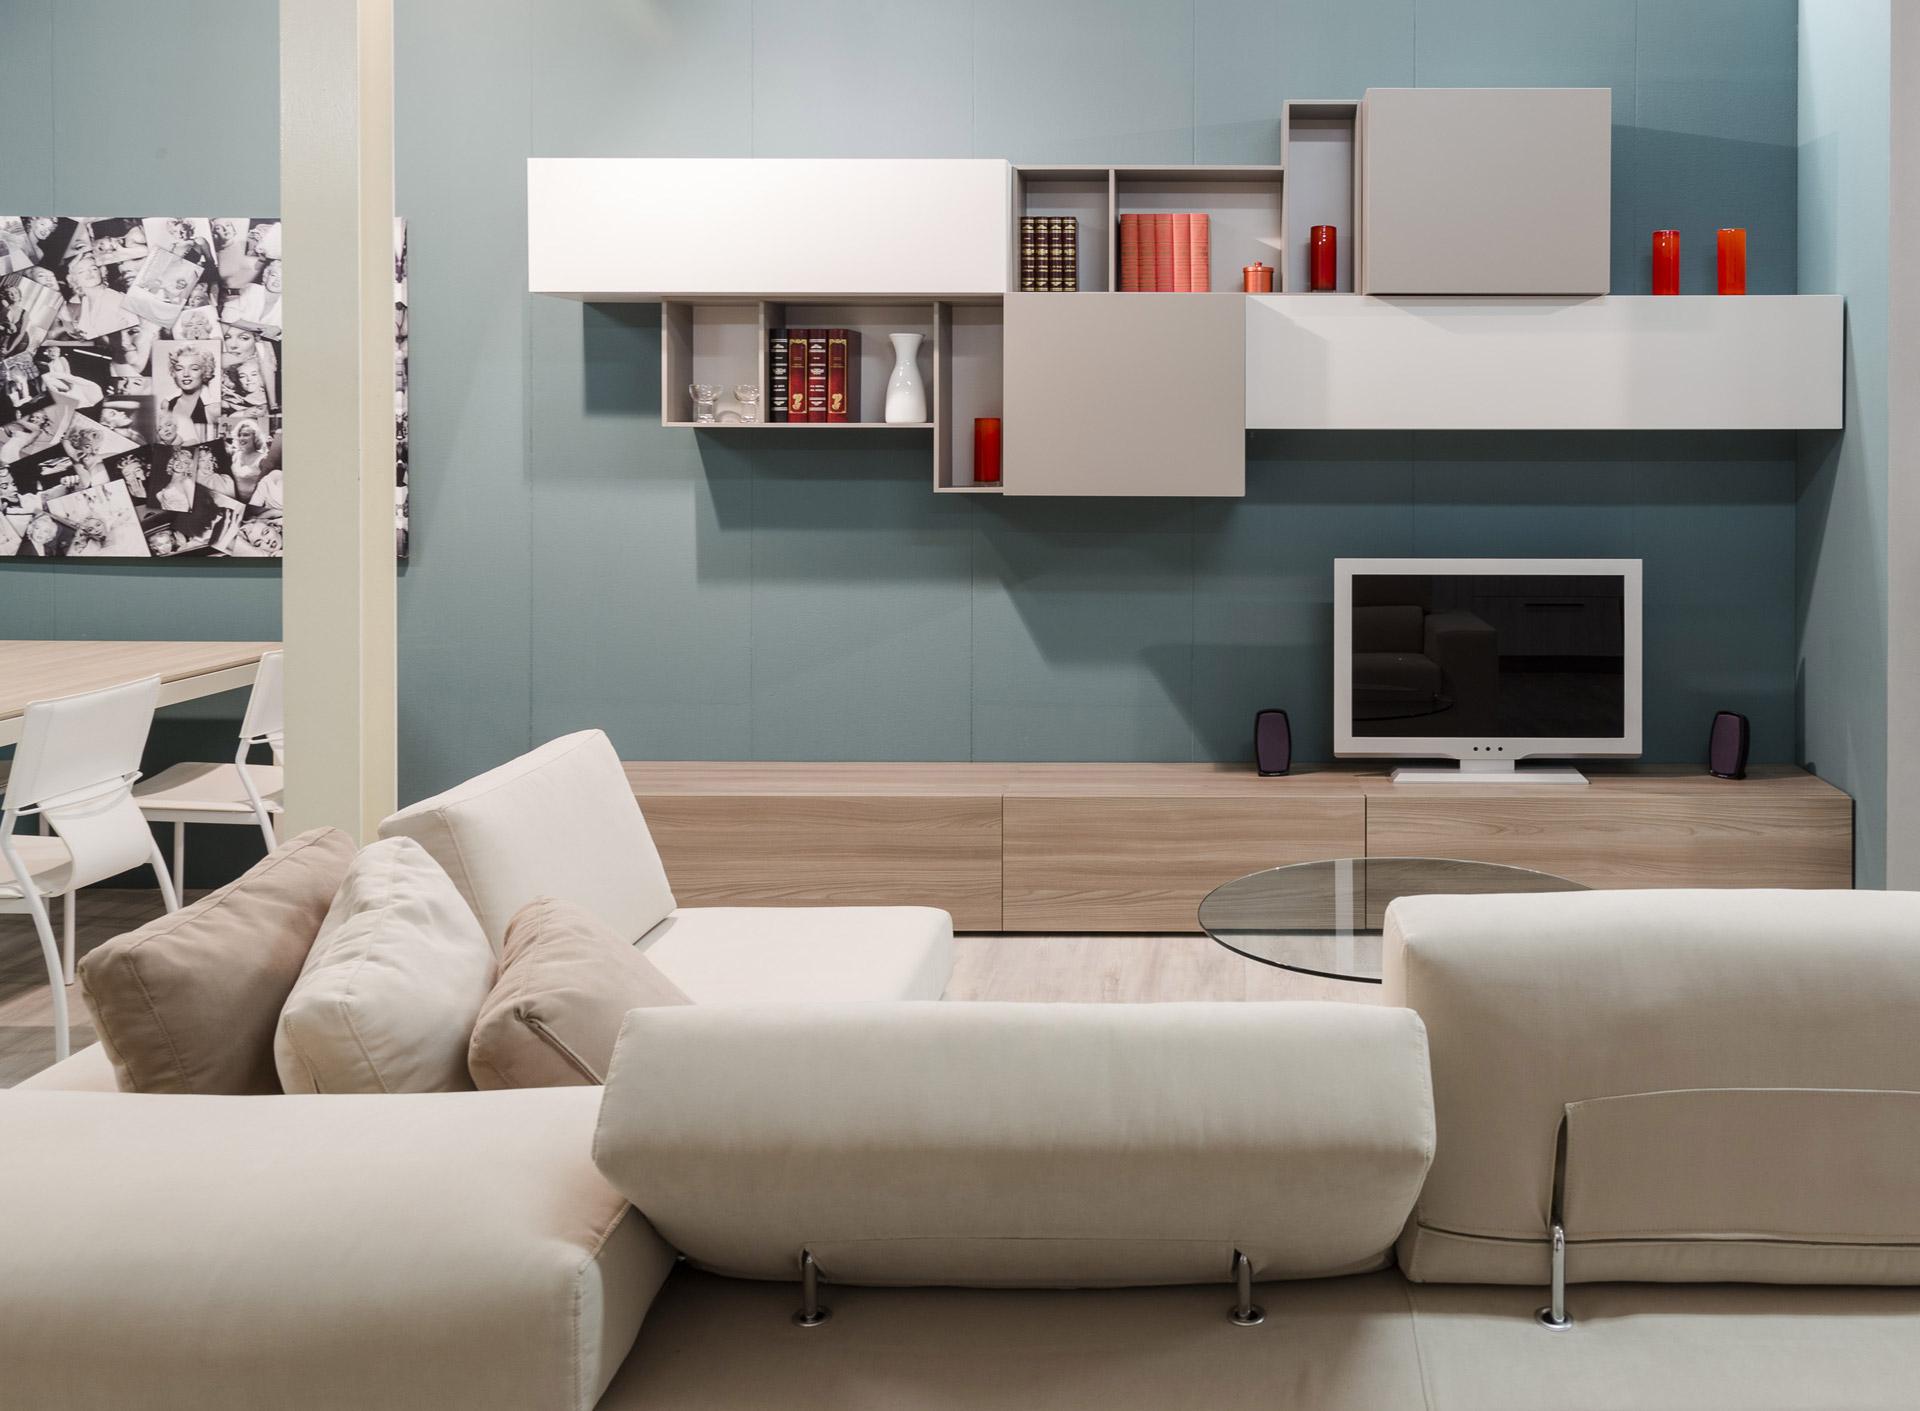 Soggiorni moderni imola pareti attrezzate e mobili ronchi arredamenti - Arredo soggiorni moderni ...